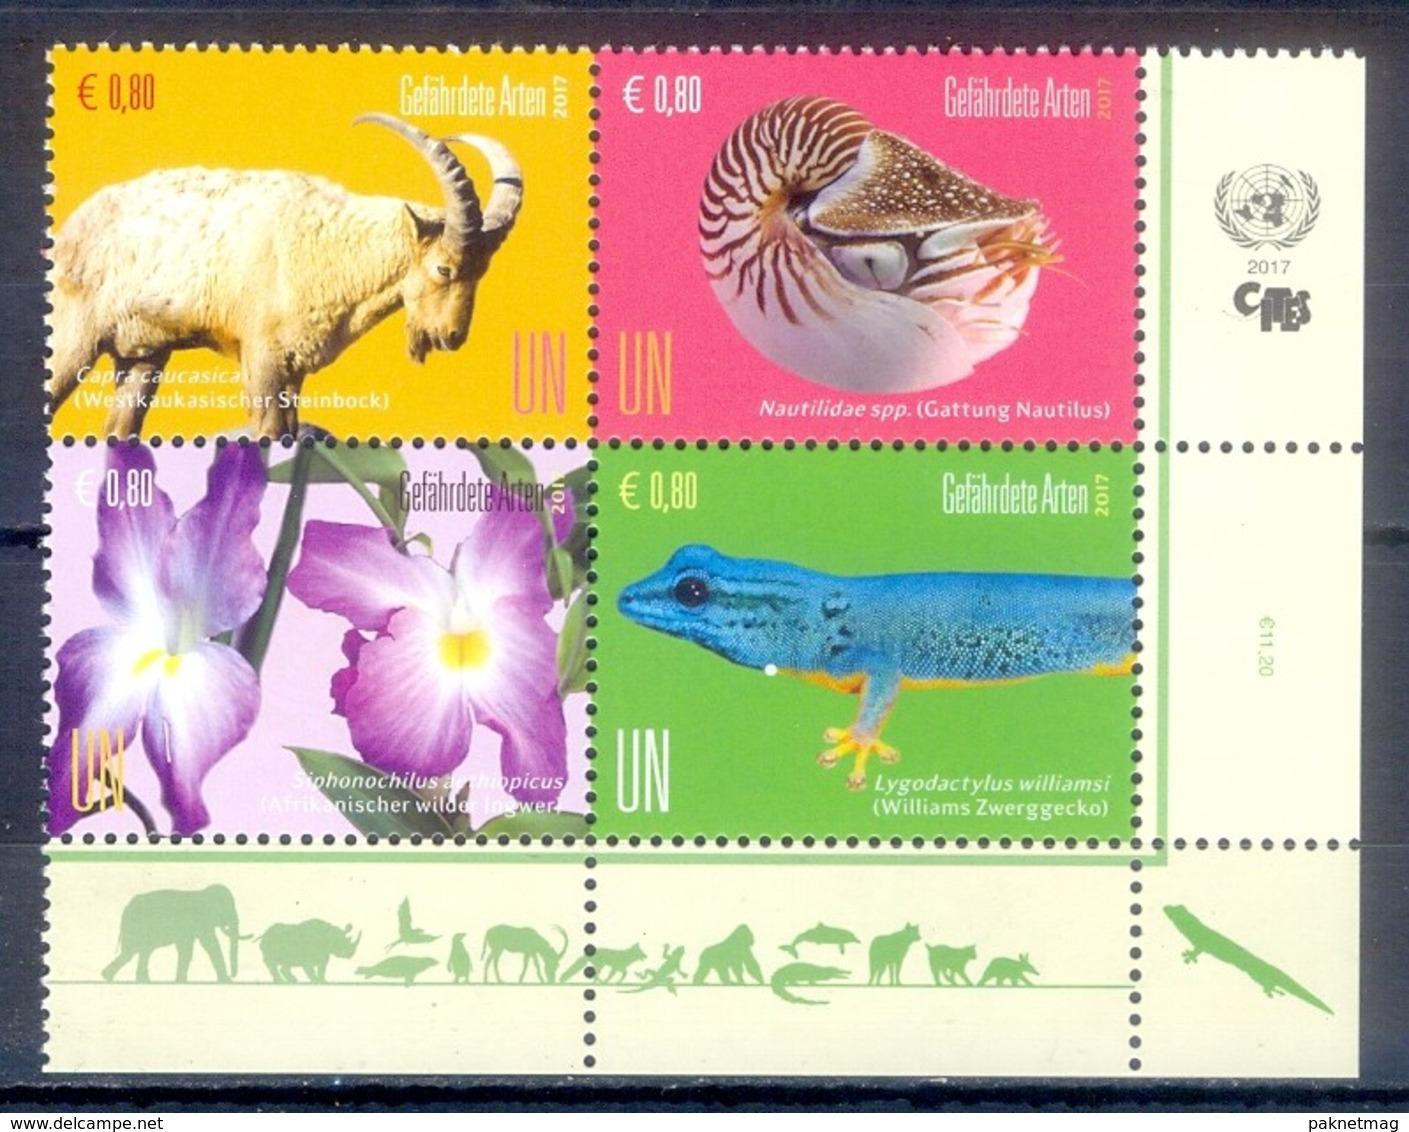 B152- United Nation. UNO ONU UN. Wenen 2017, Postfris Animals Flora. - UNO